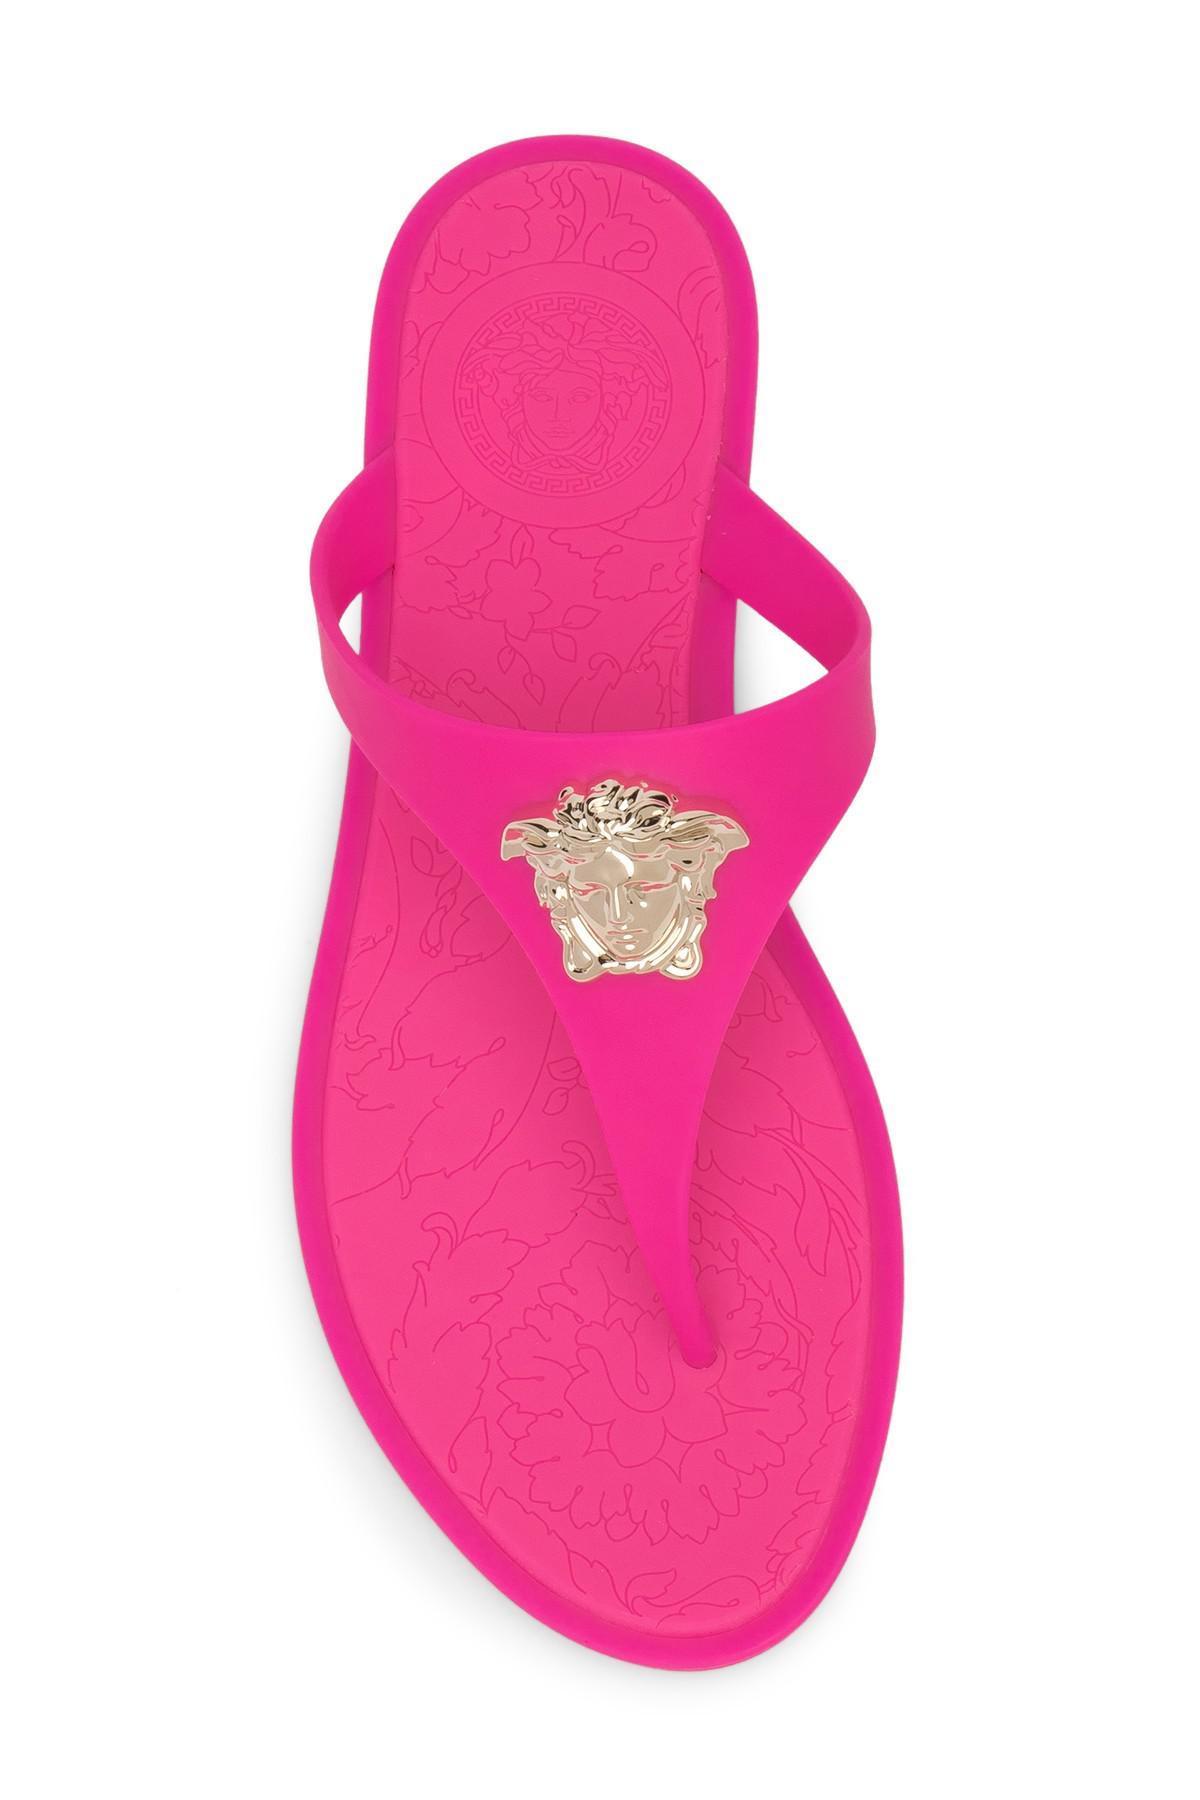 versace pink flip flops